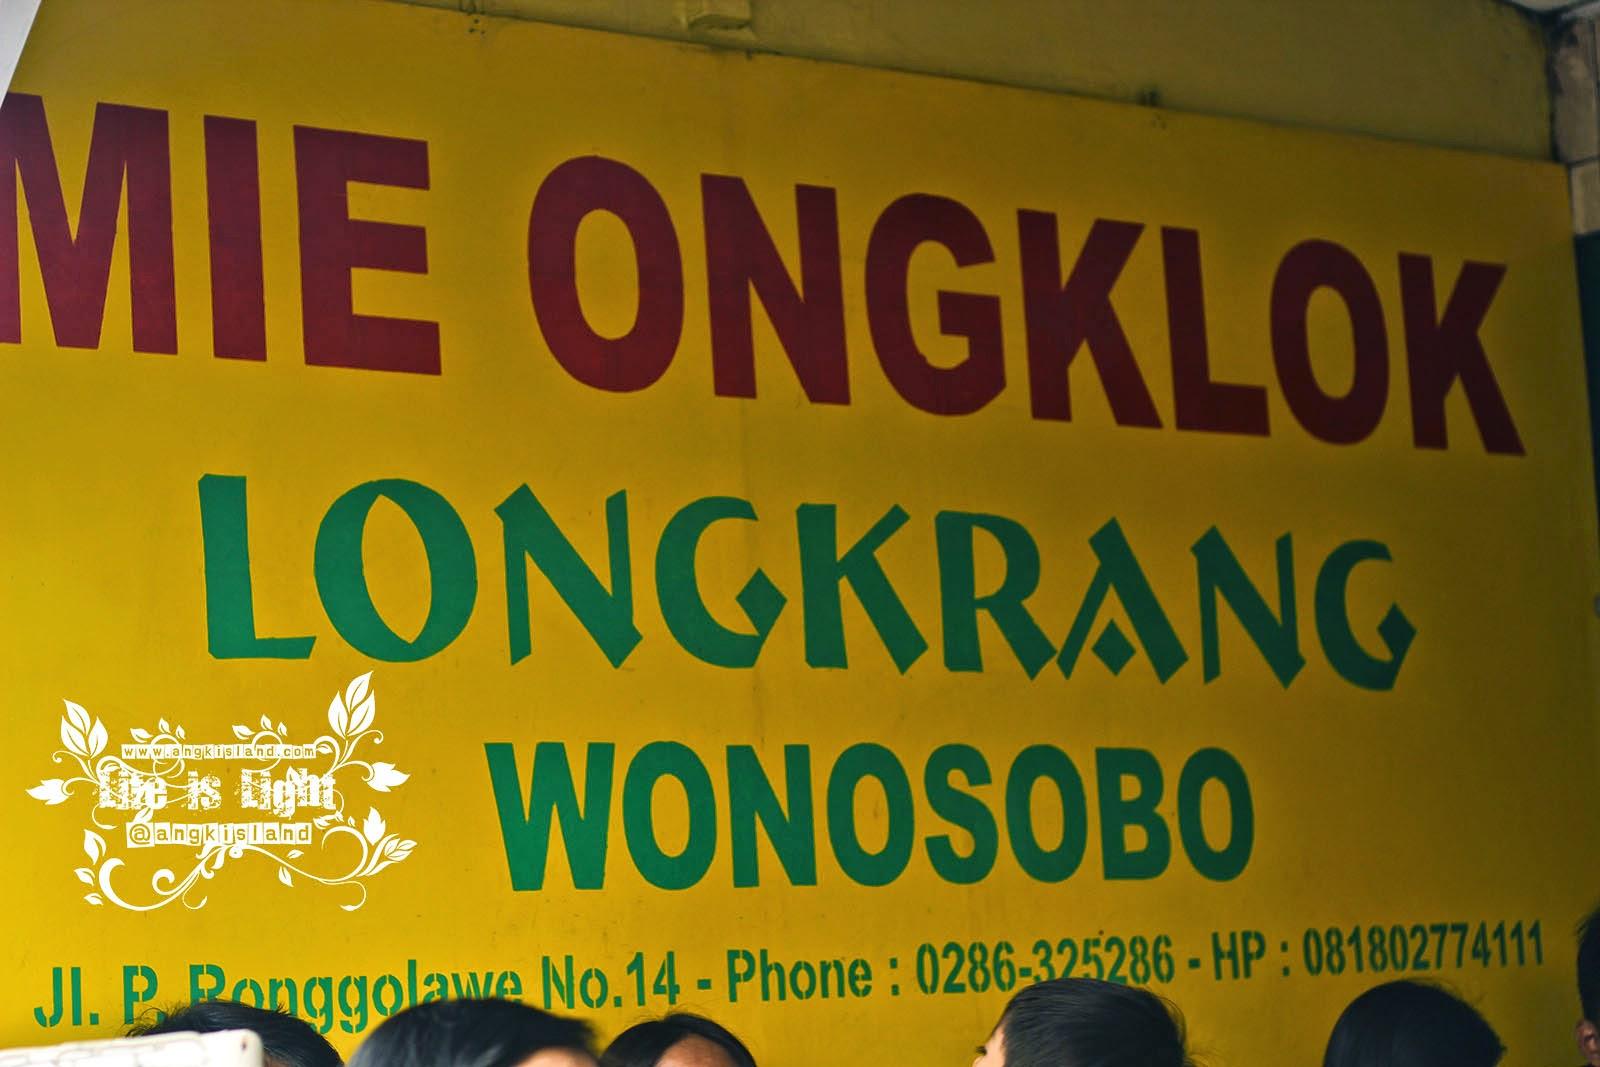 Mie Ongklok longkrang